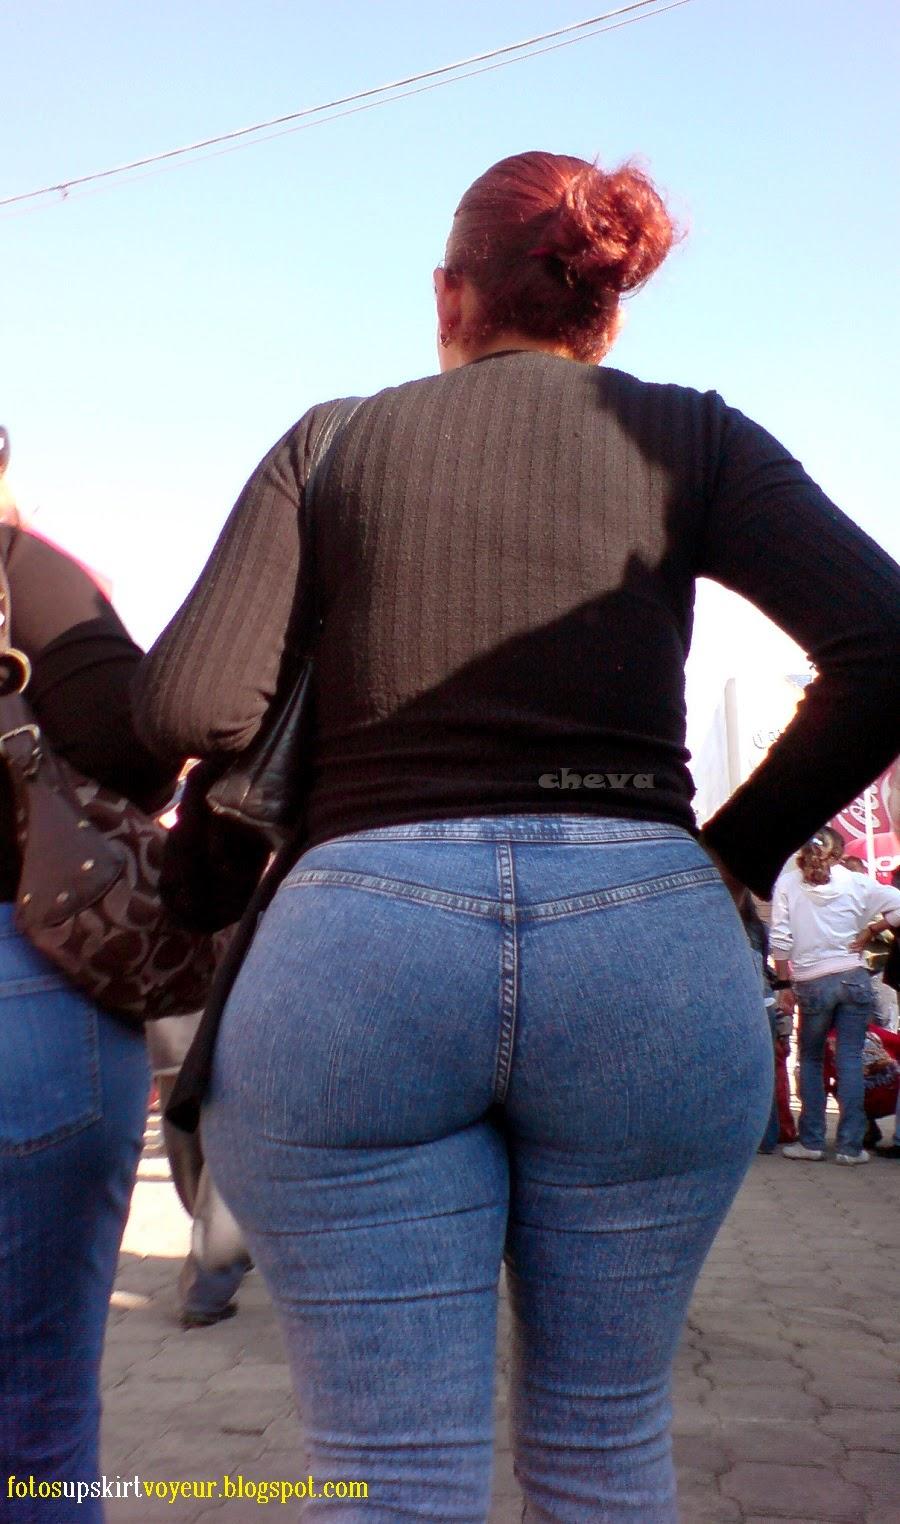 image Mexicana de leggins caminando por la calle